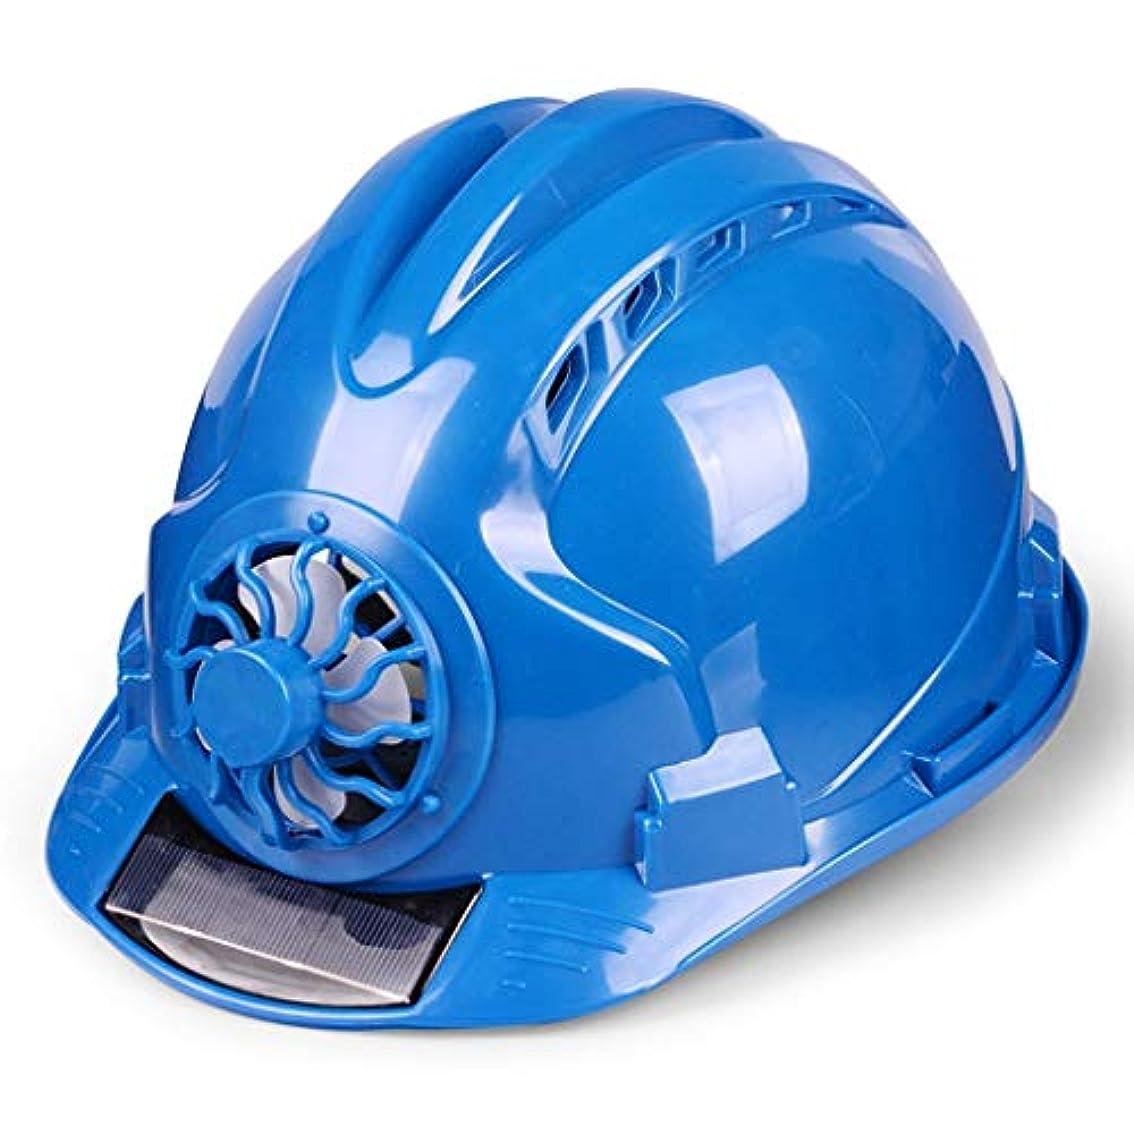 修復生態学正直ソーラーファン作業用キャップ、GBに合わせて、調節可能な夏の換気現場の建設日焼け止め防水建築作業員ヘルメットヘッド保護、4色 (色 : 青)